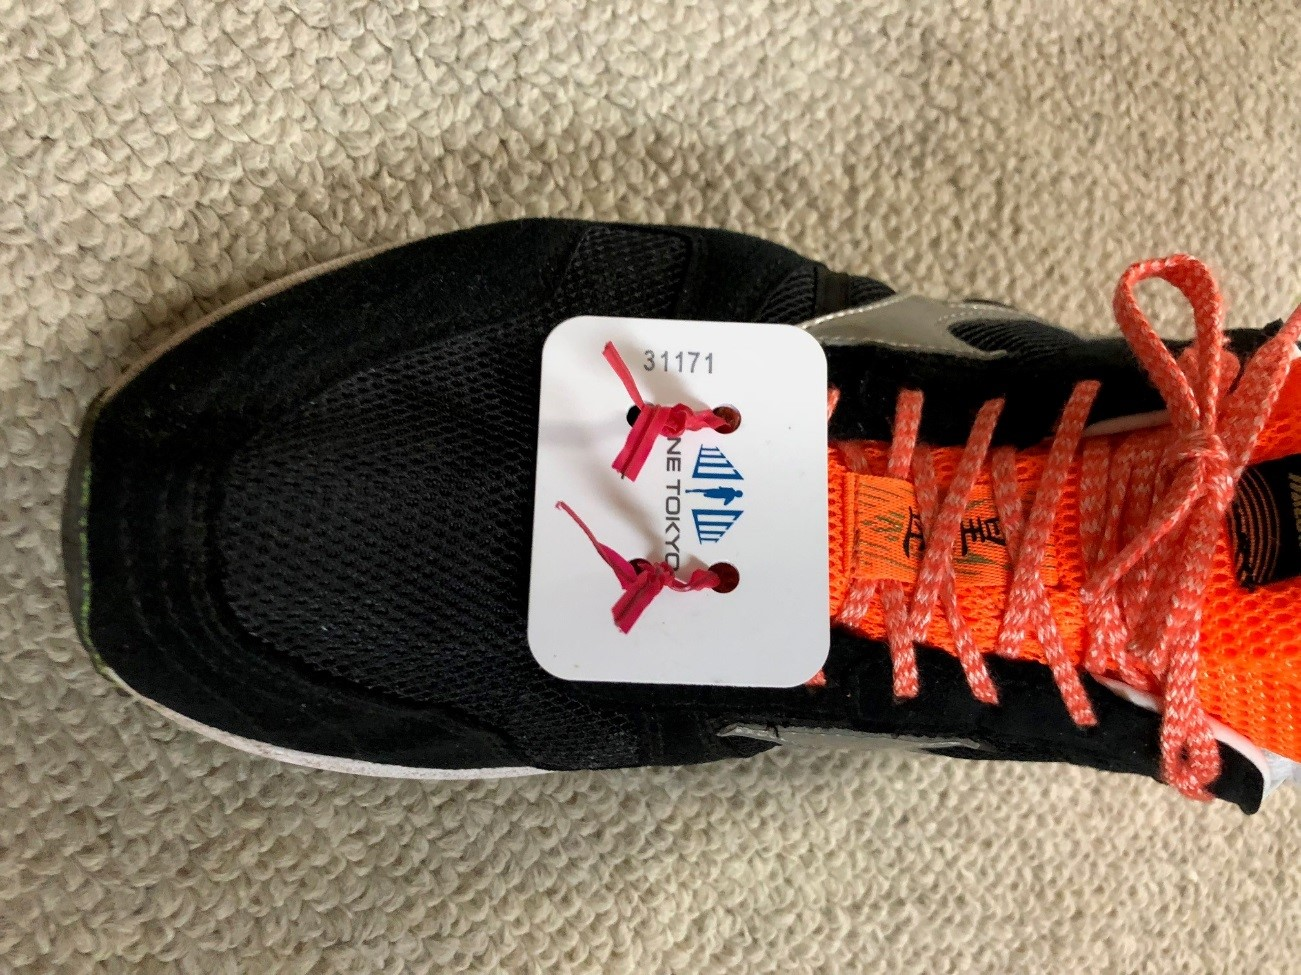 ビニタイで括られた、マラソン大会で使われるICタグ